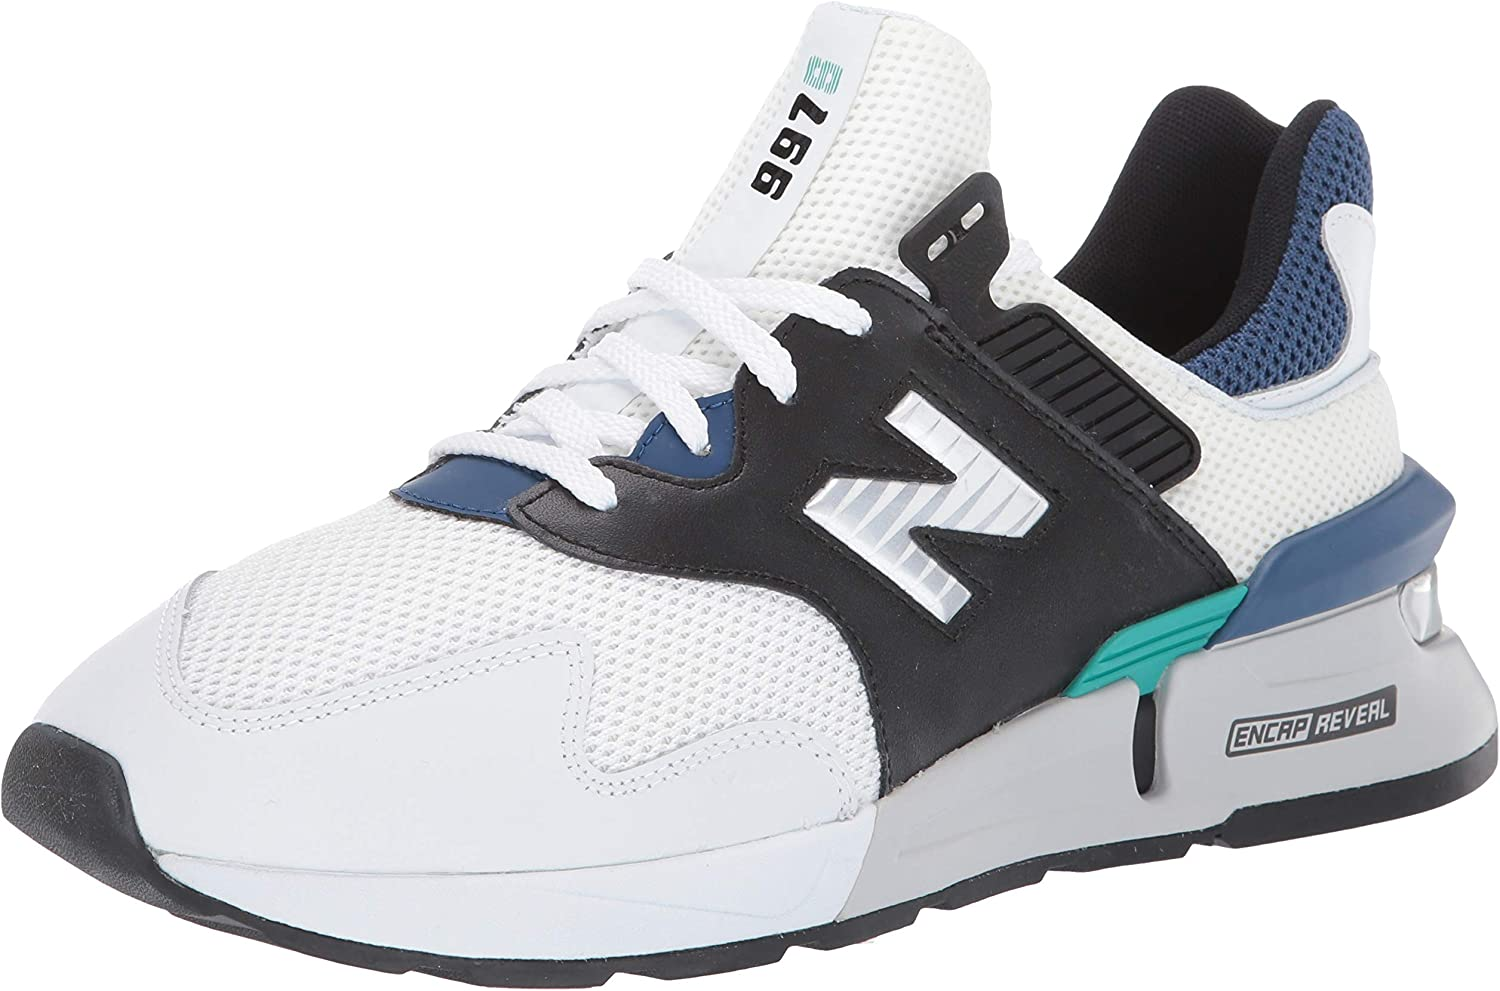 New Balance Turnschuhe herren herren 997 Sport Lifestyle MS997JCD (40 1-2 - Weiß-Blau)  jetzt bestellen viel rabatt genießen